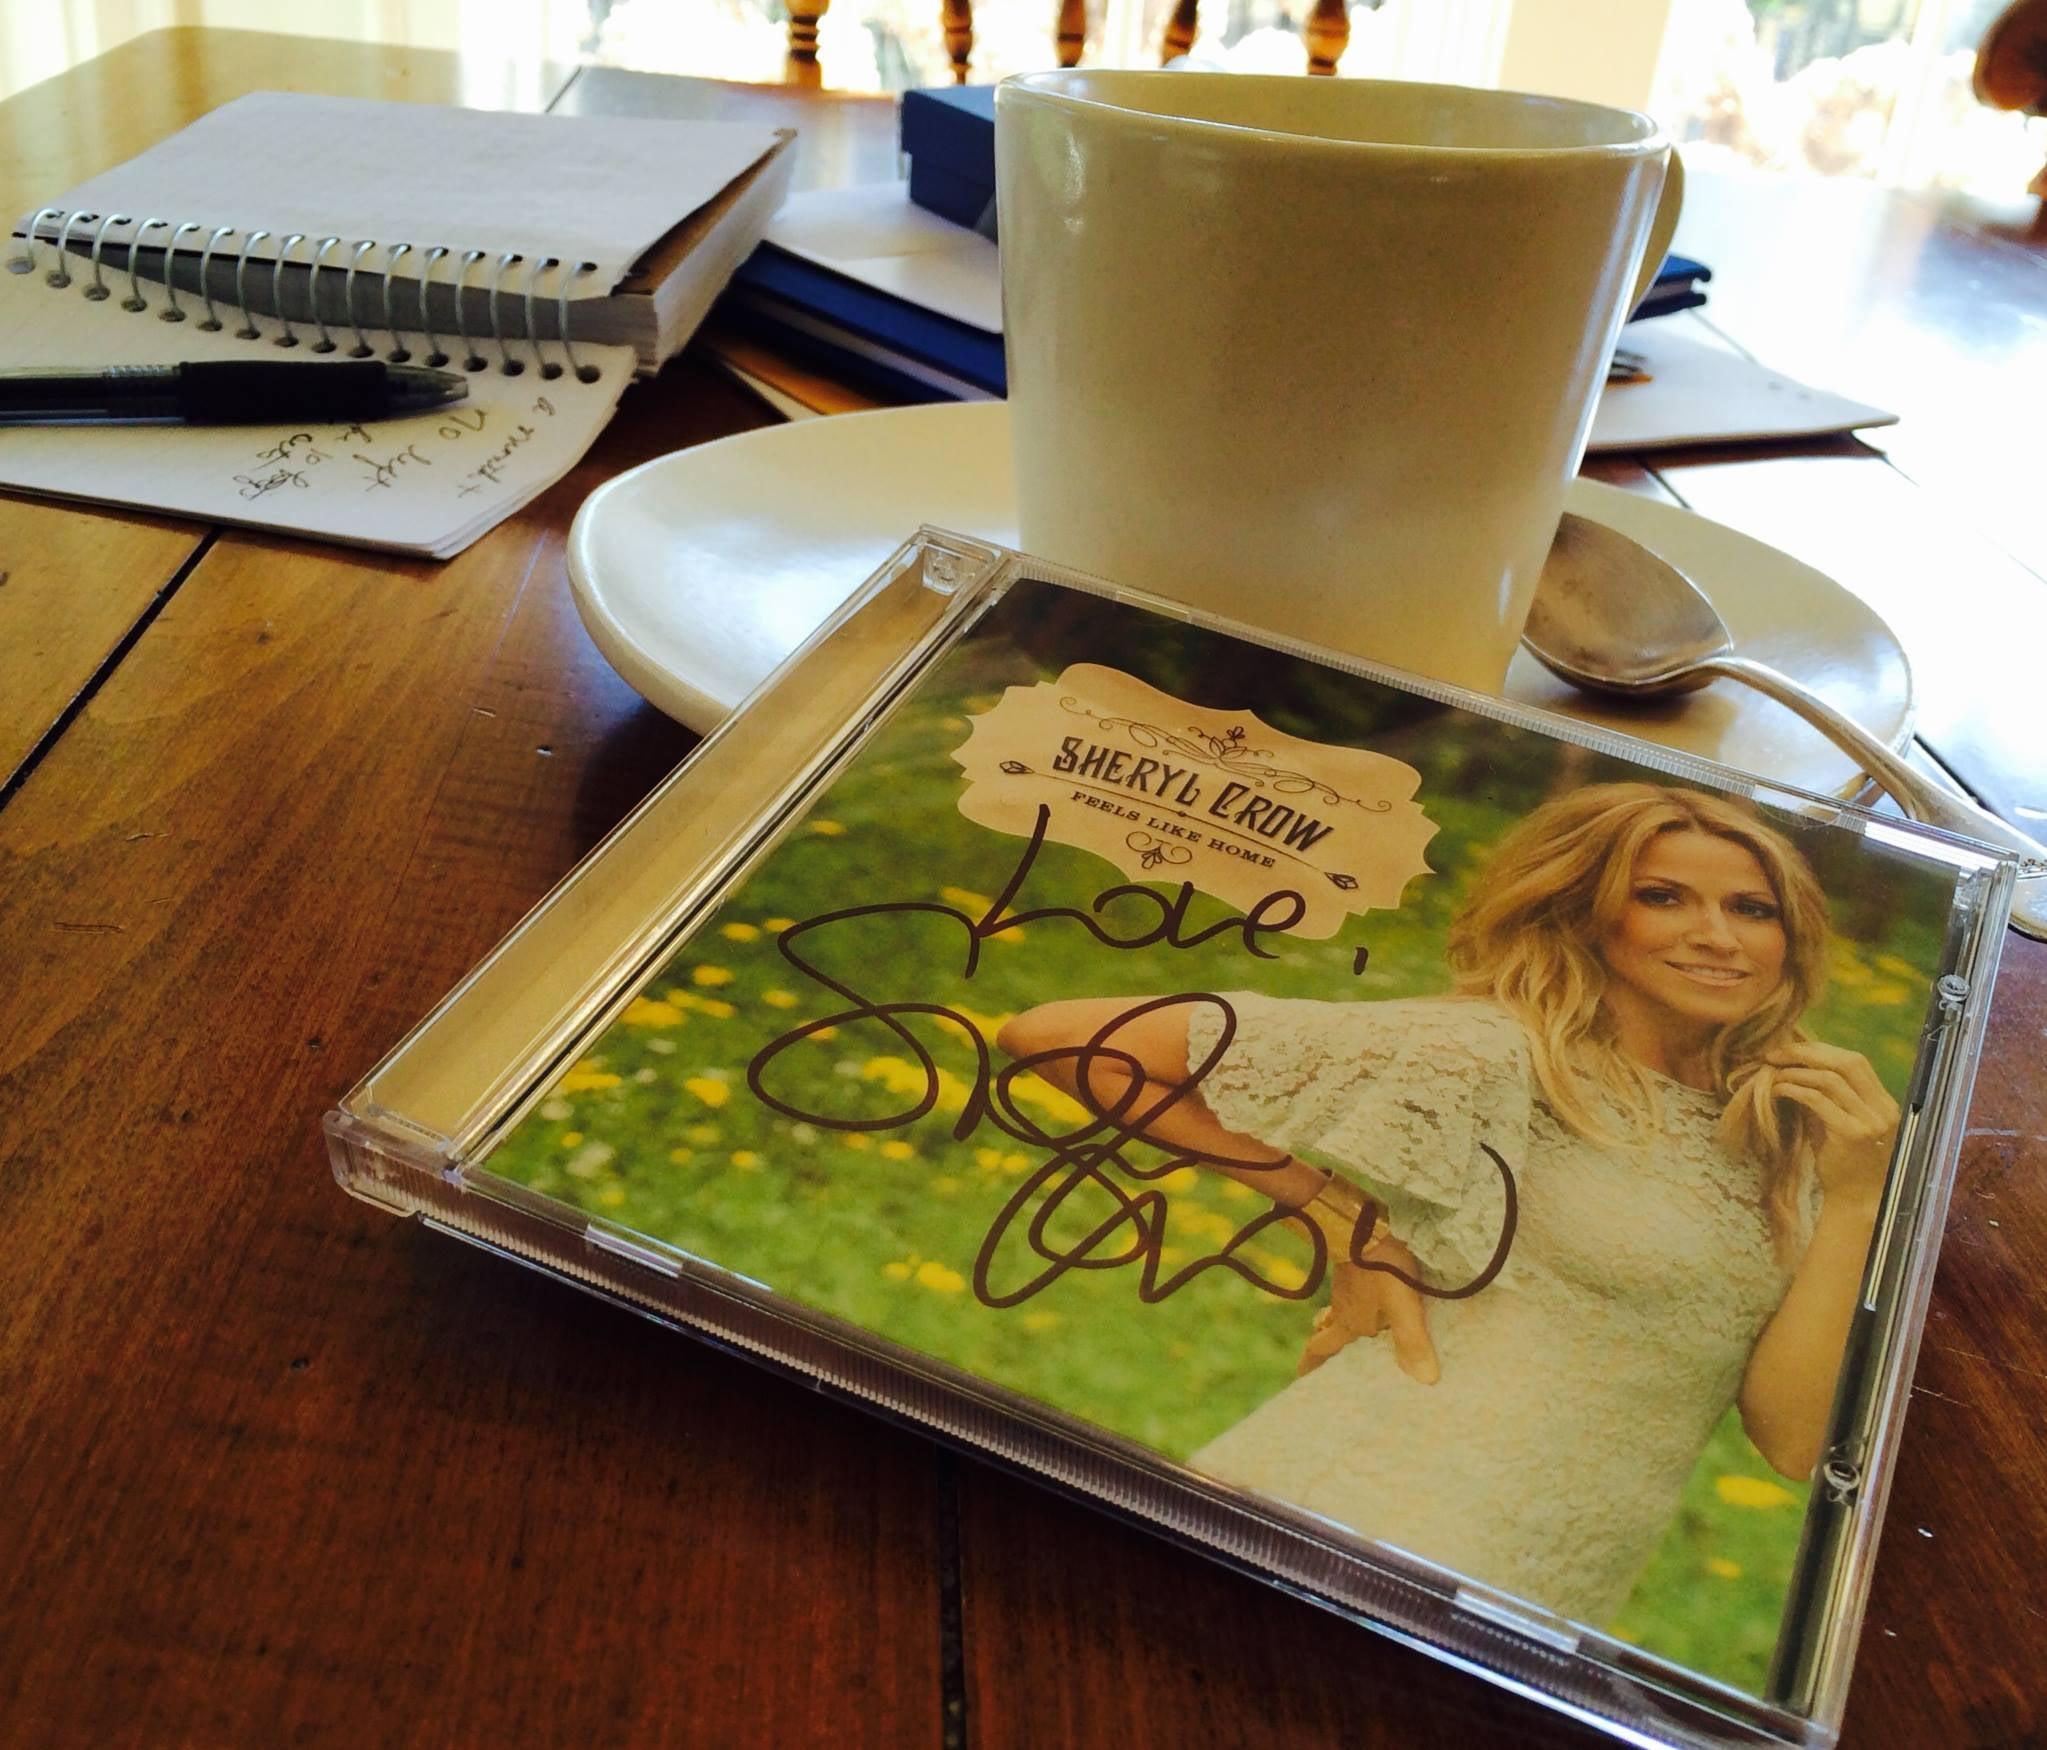 Un disco de Sheryl Crow junto a un café.